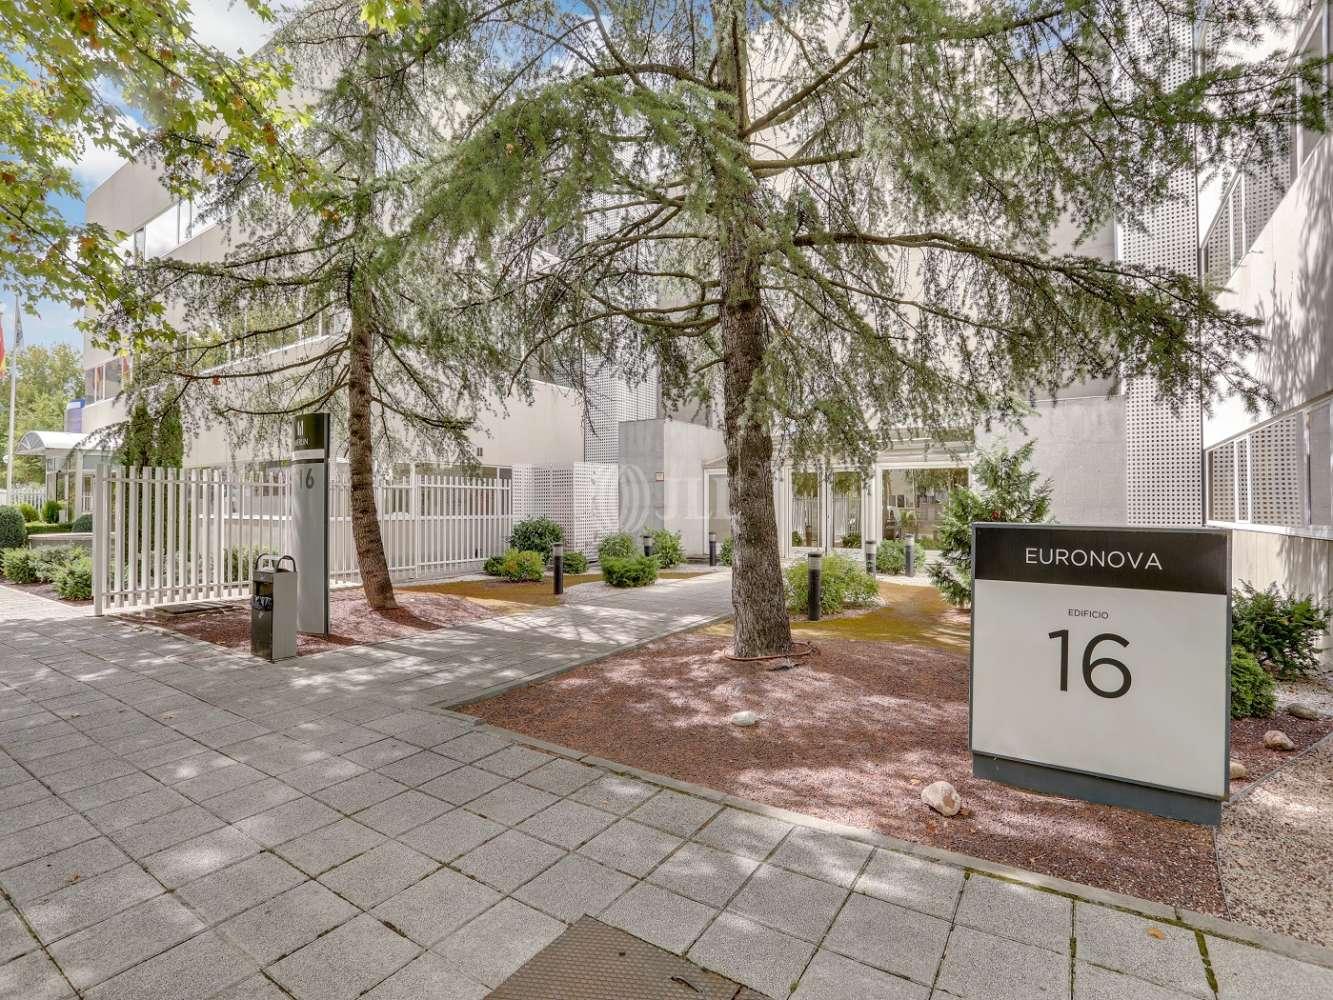 Oficina Tres cantos, 28760 - Euronova - Edificio 16 - 21401